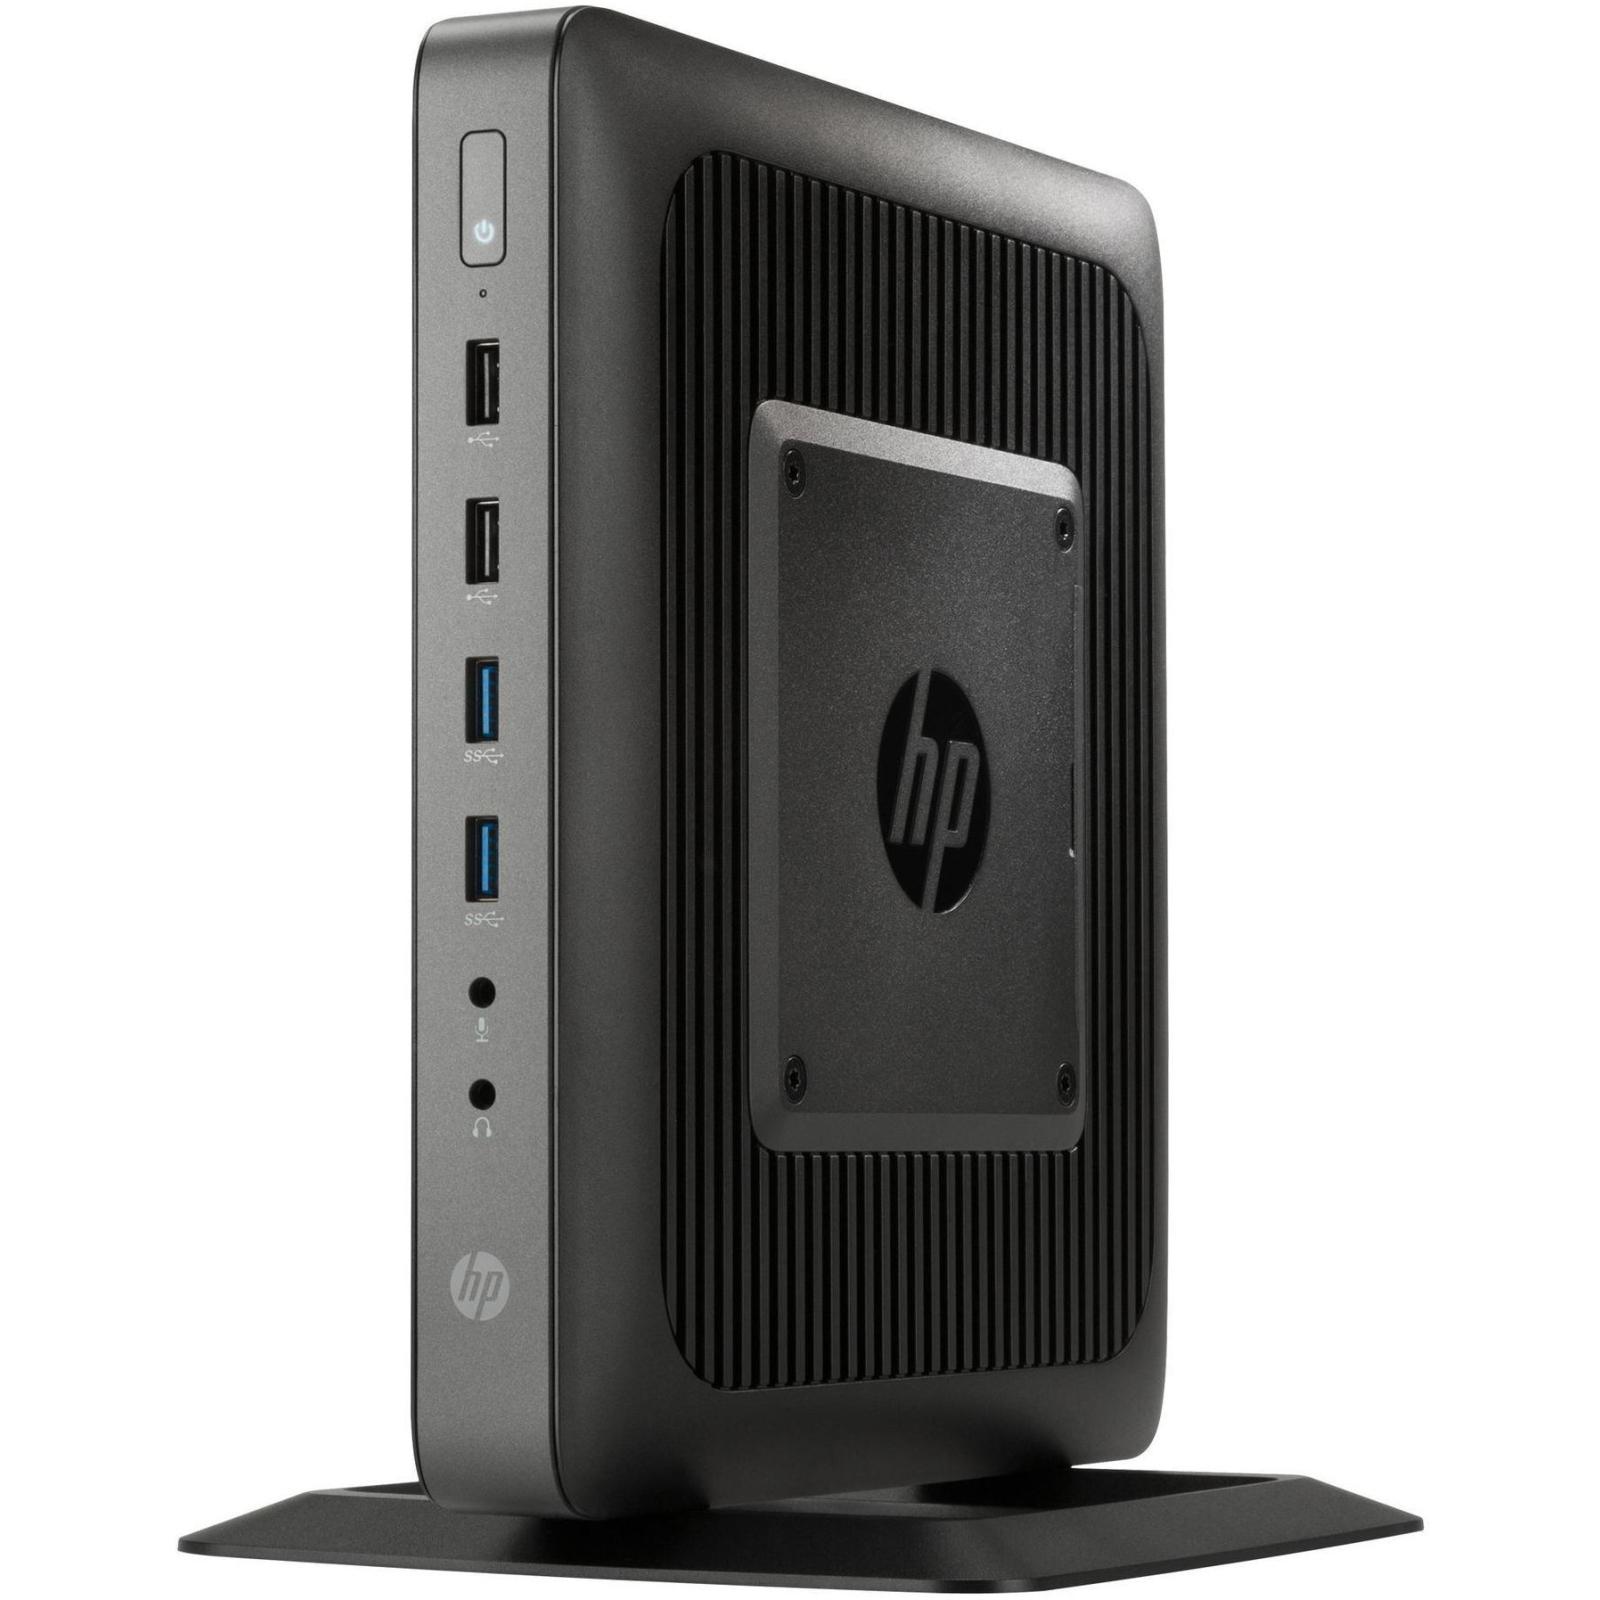 Компьютер HP t620 (F5A58AA)